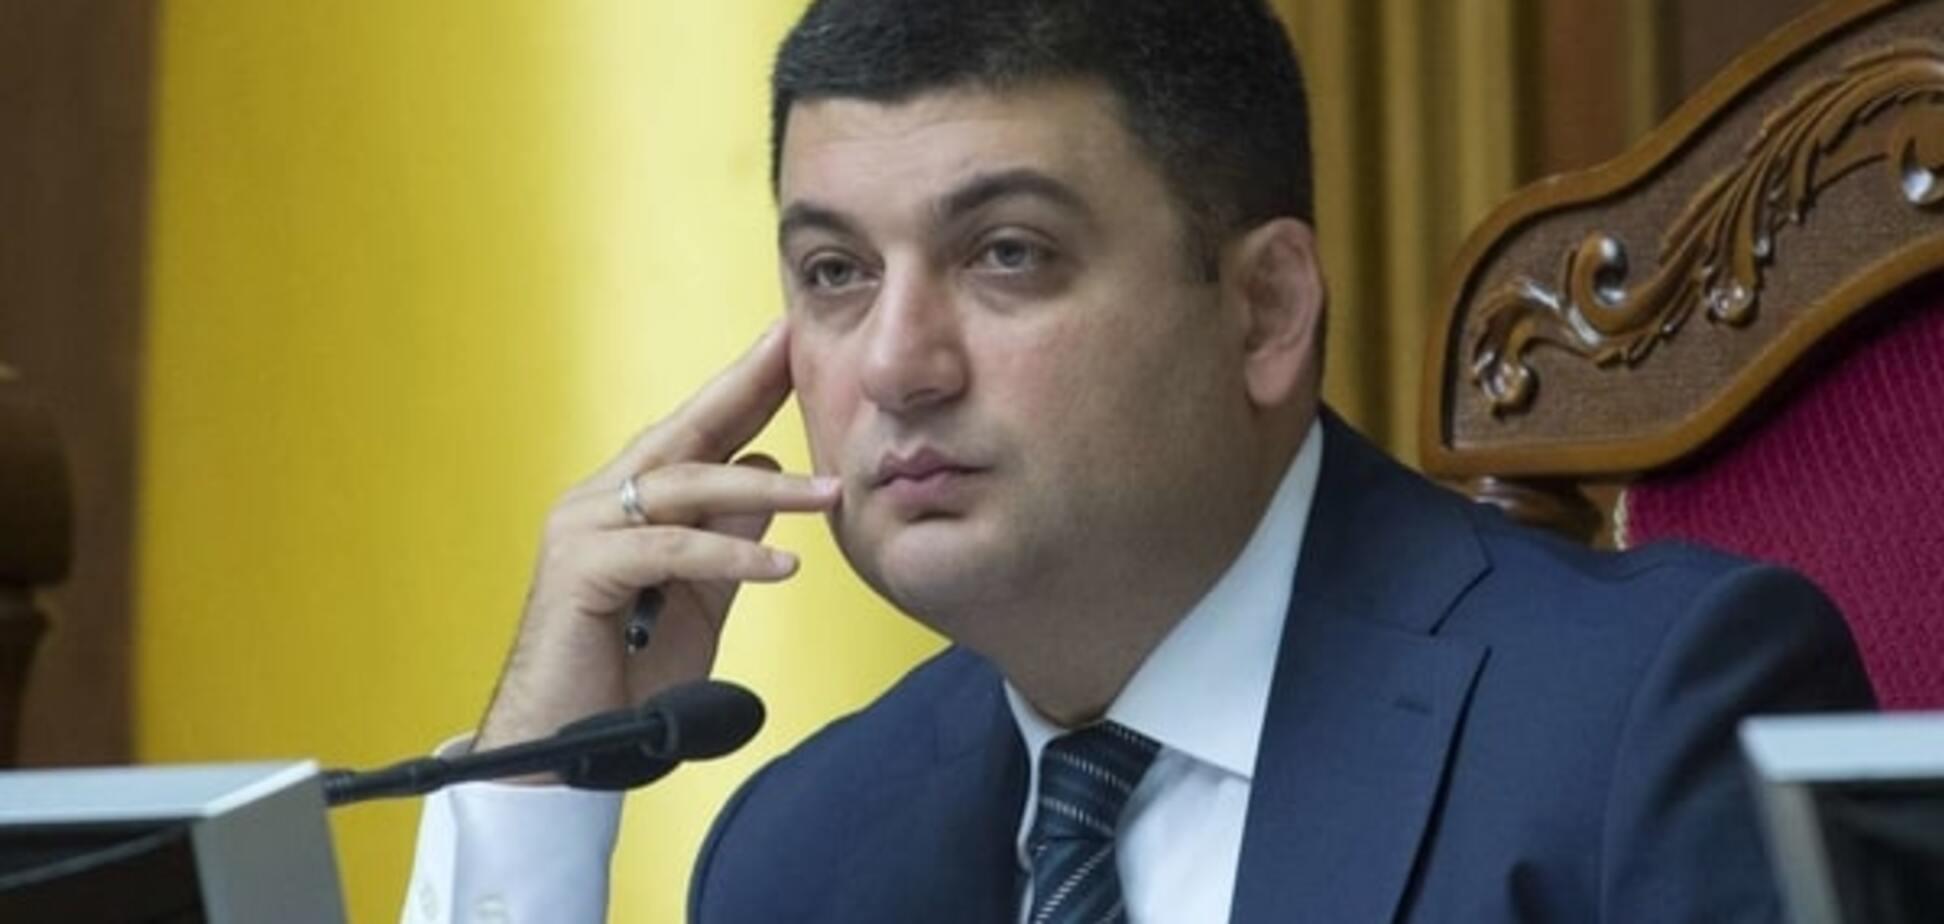 Гройсман: нам навязывают 'неукраинский' сценарий досрочных выборов в Раду